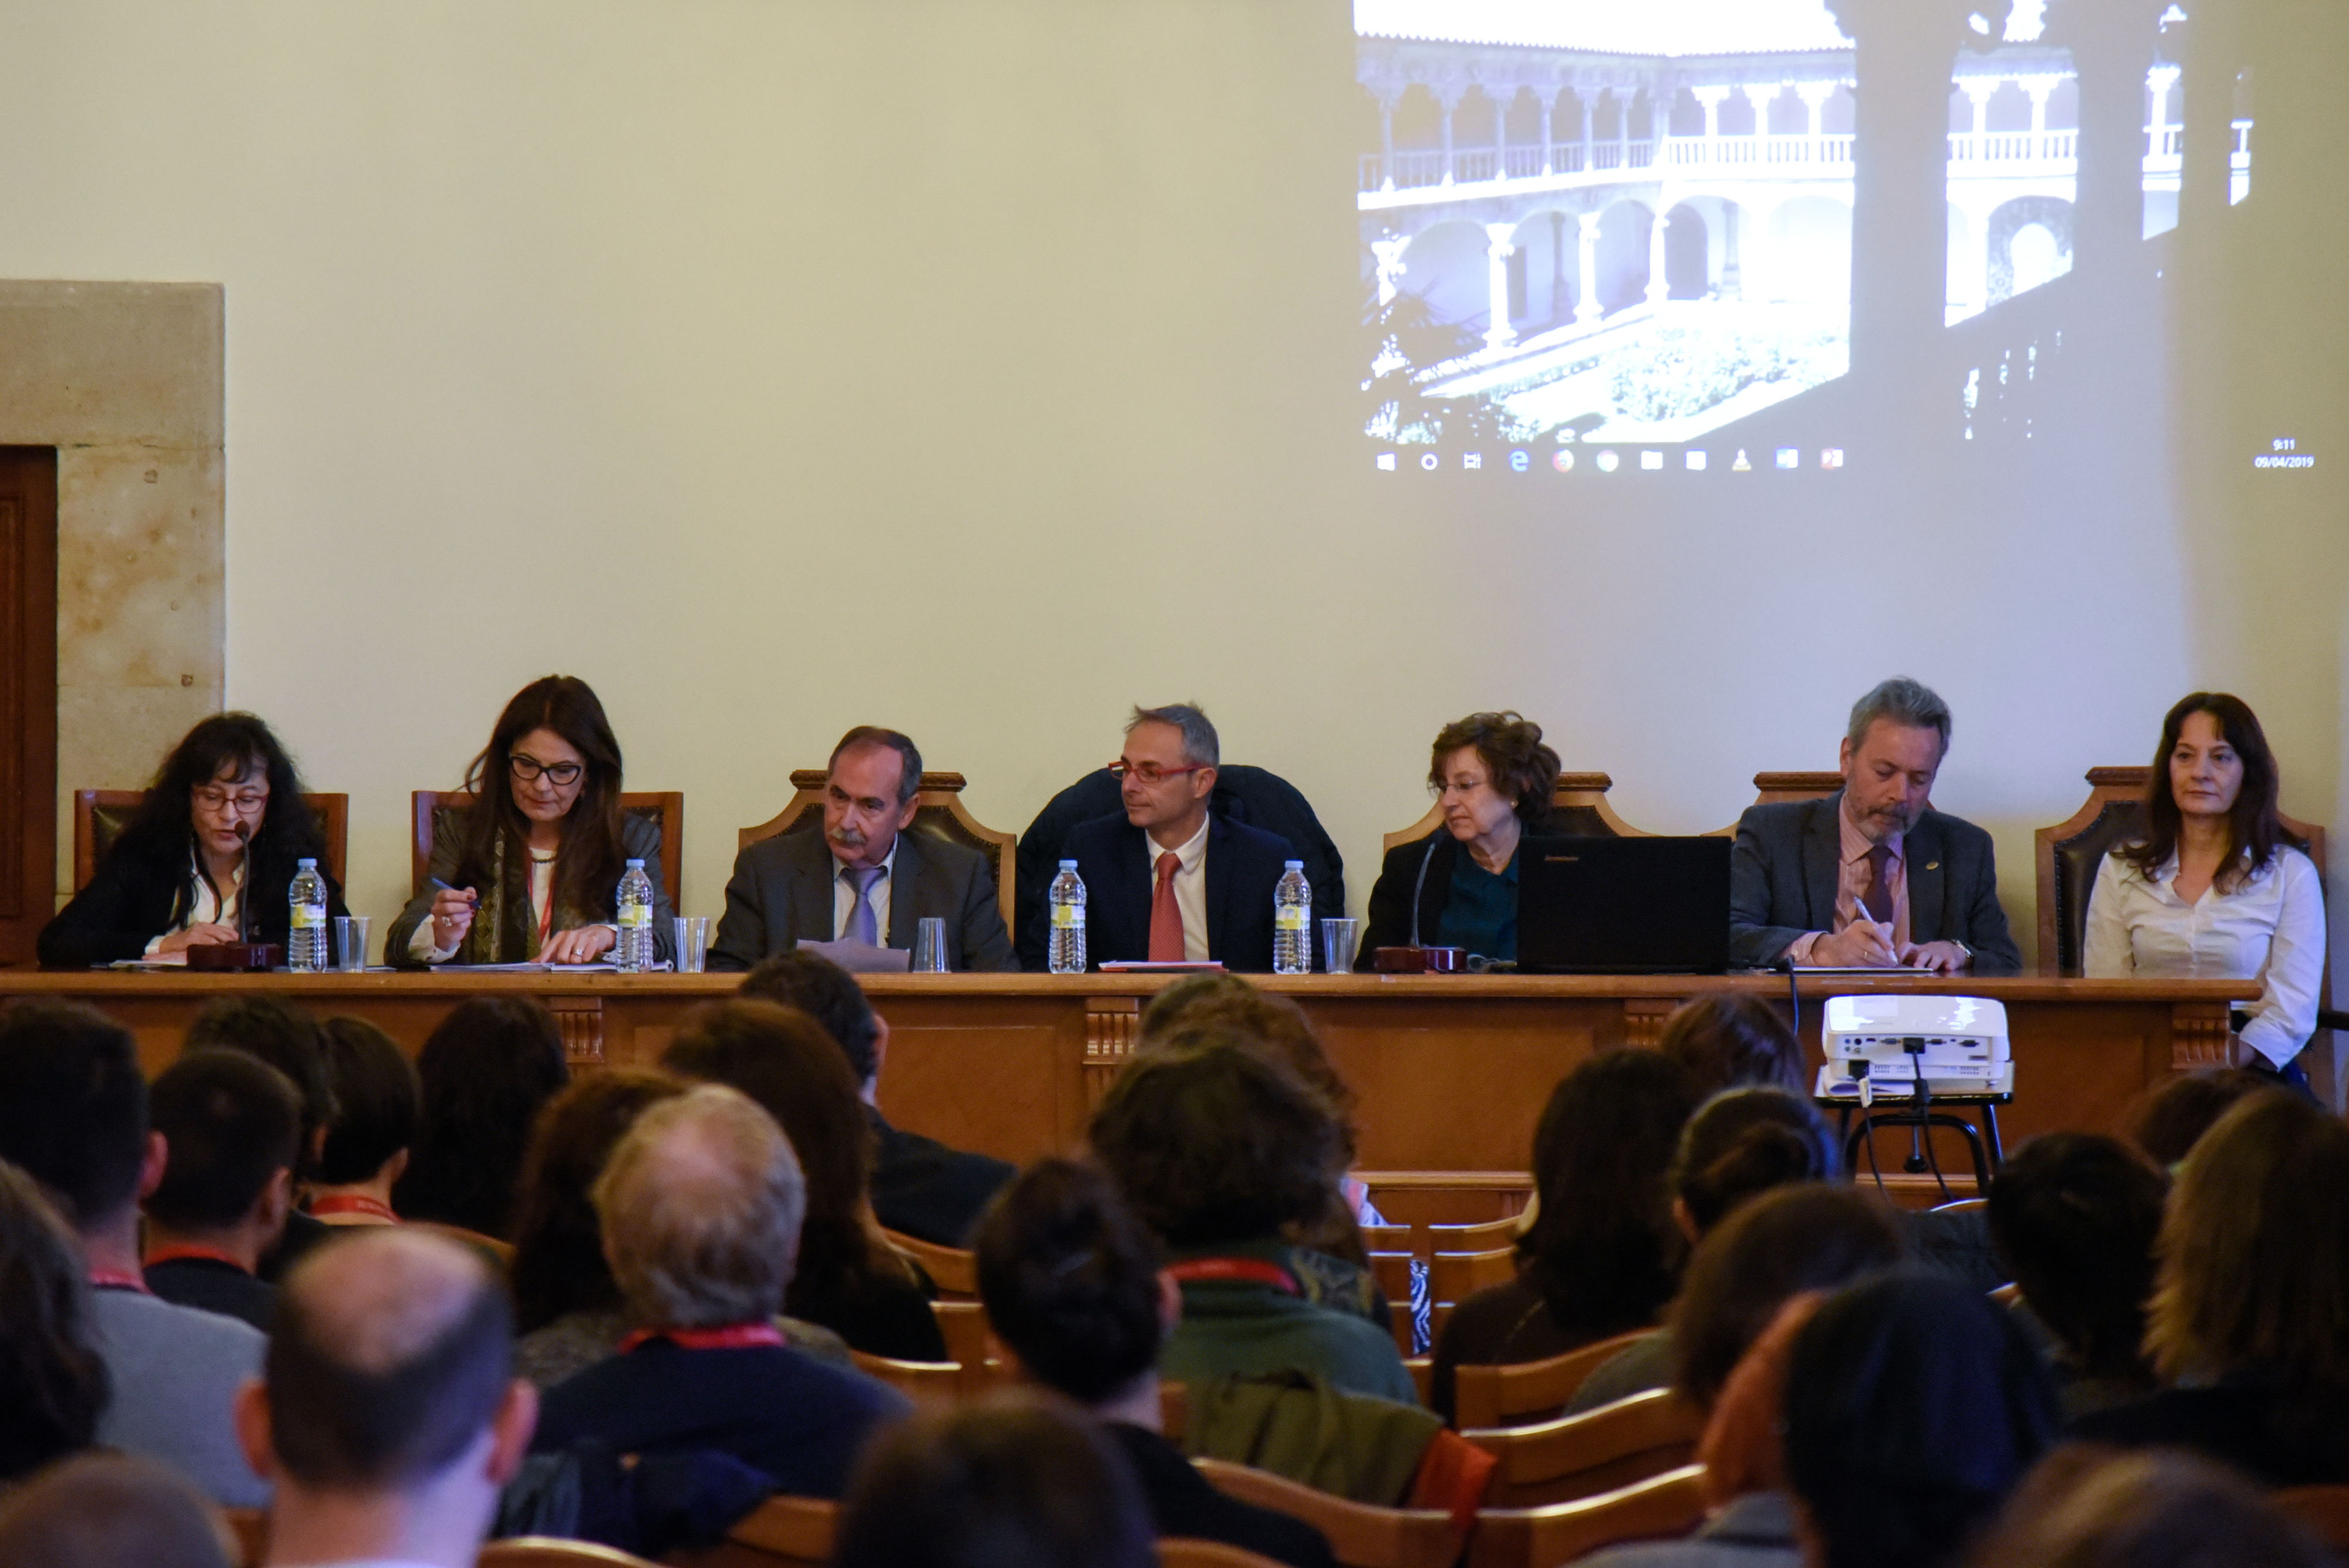 La Asociación Española para el Estudio de los Estados Unidos celebra su congreso en la Universidad de Salamanca enmarcado en el VIII Centenario